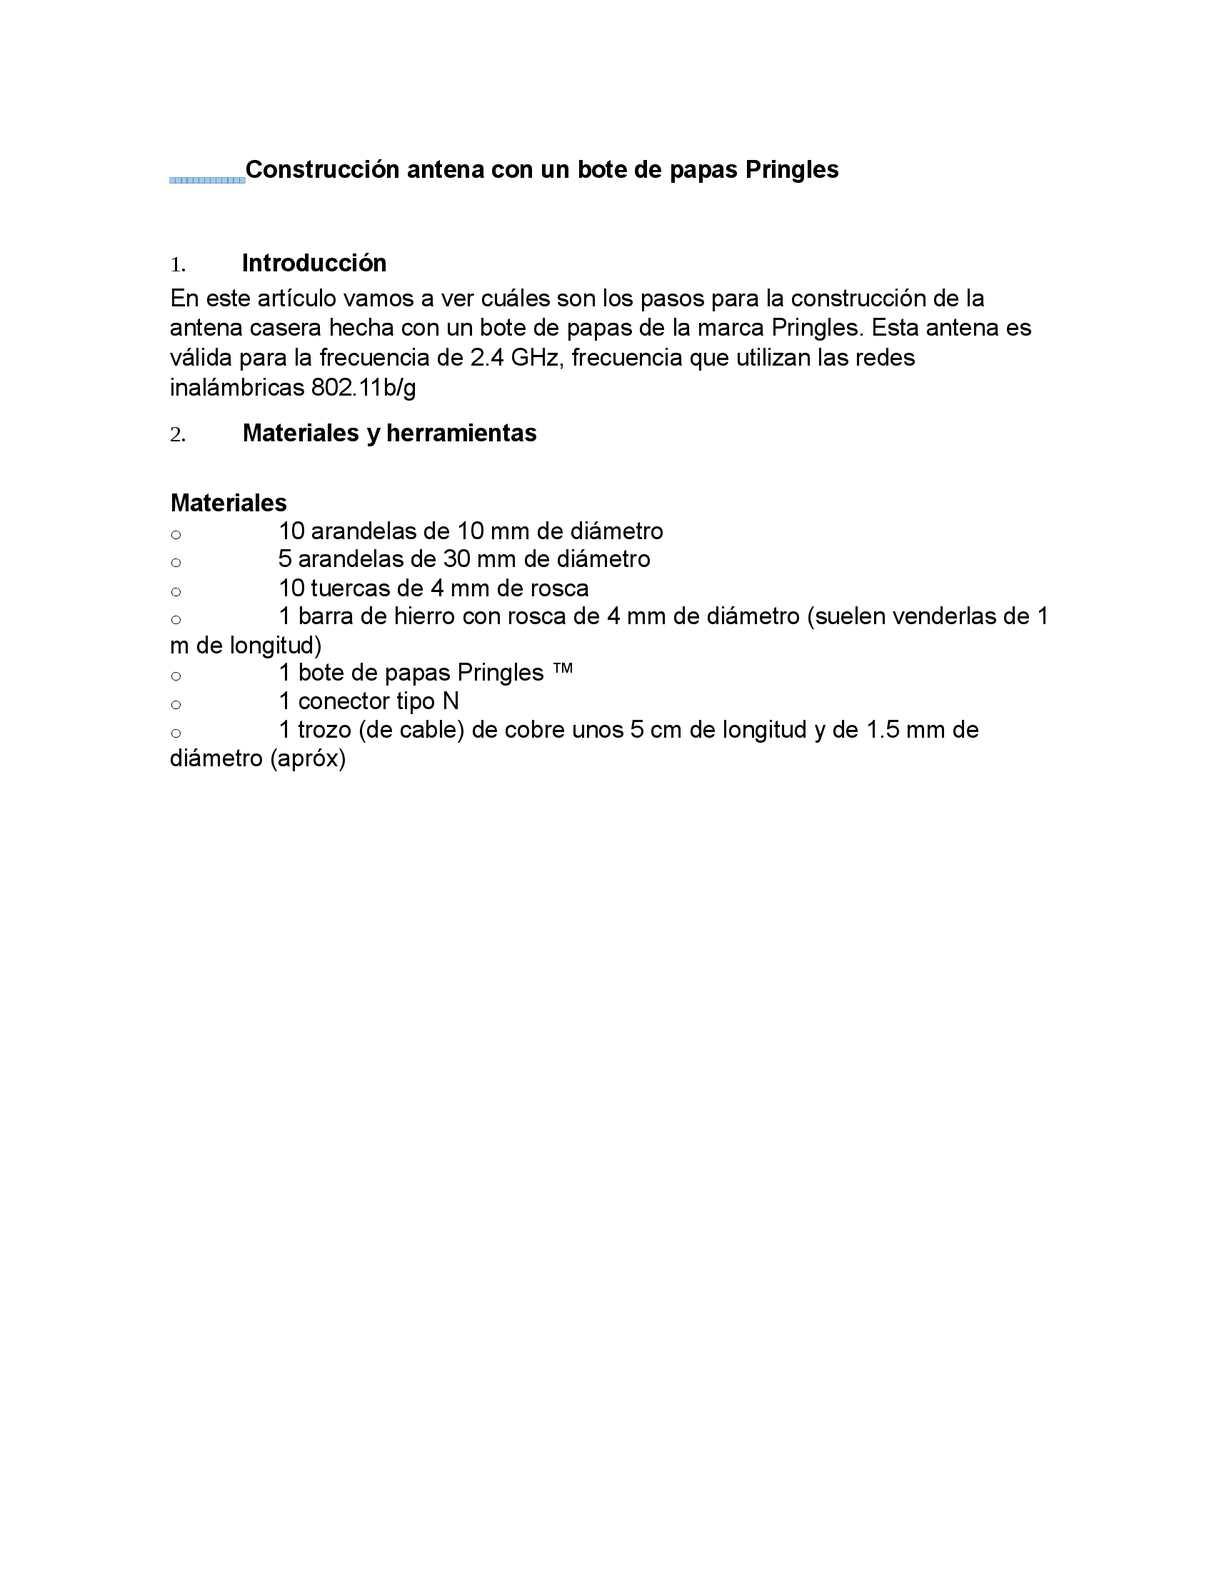 Manual Construcción Antena WIFI ConUn Bote de Papas Pringles